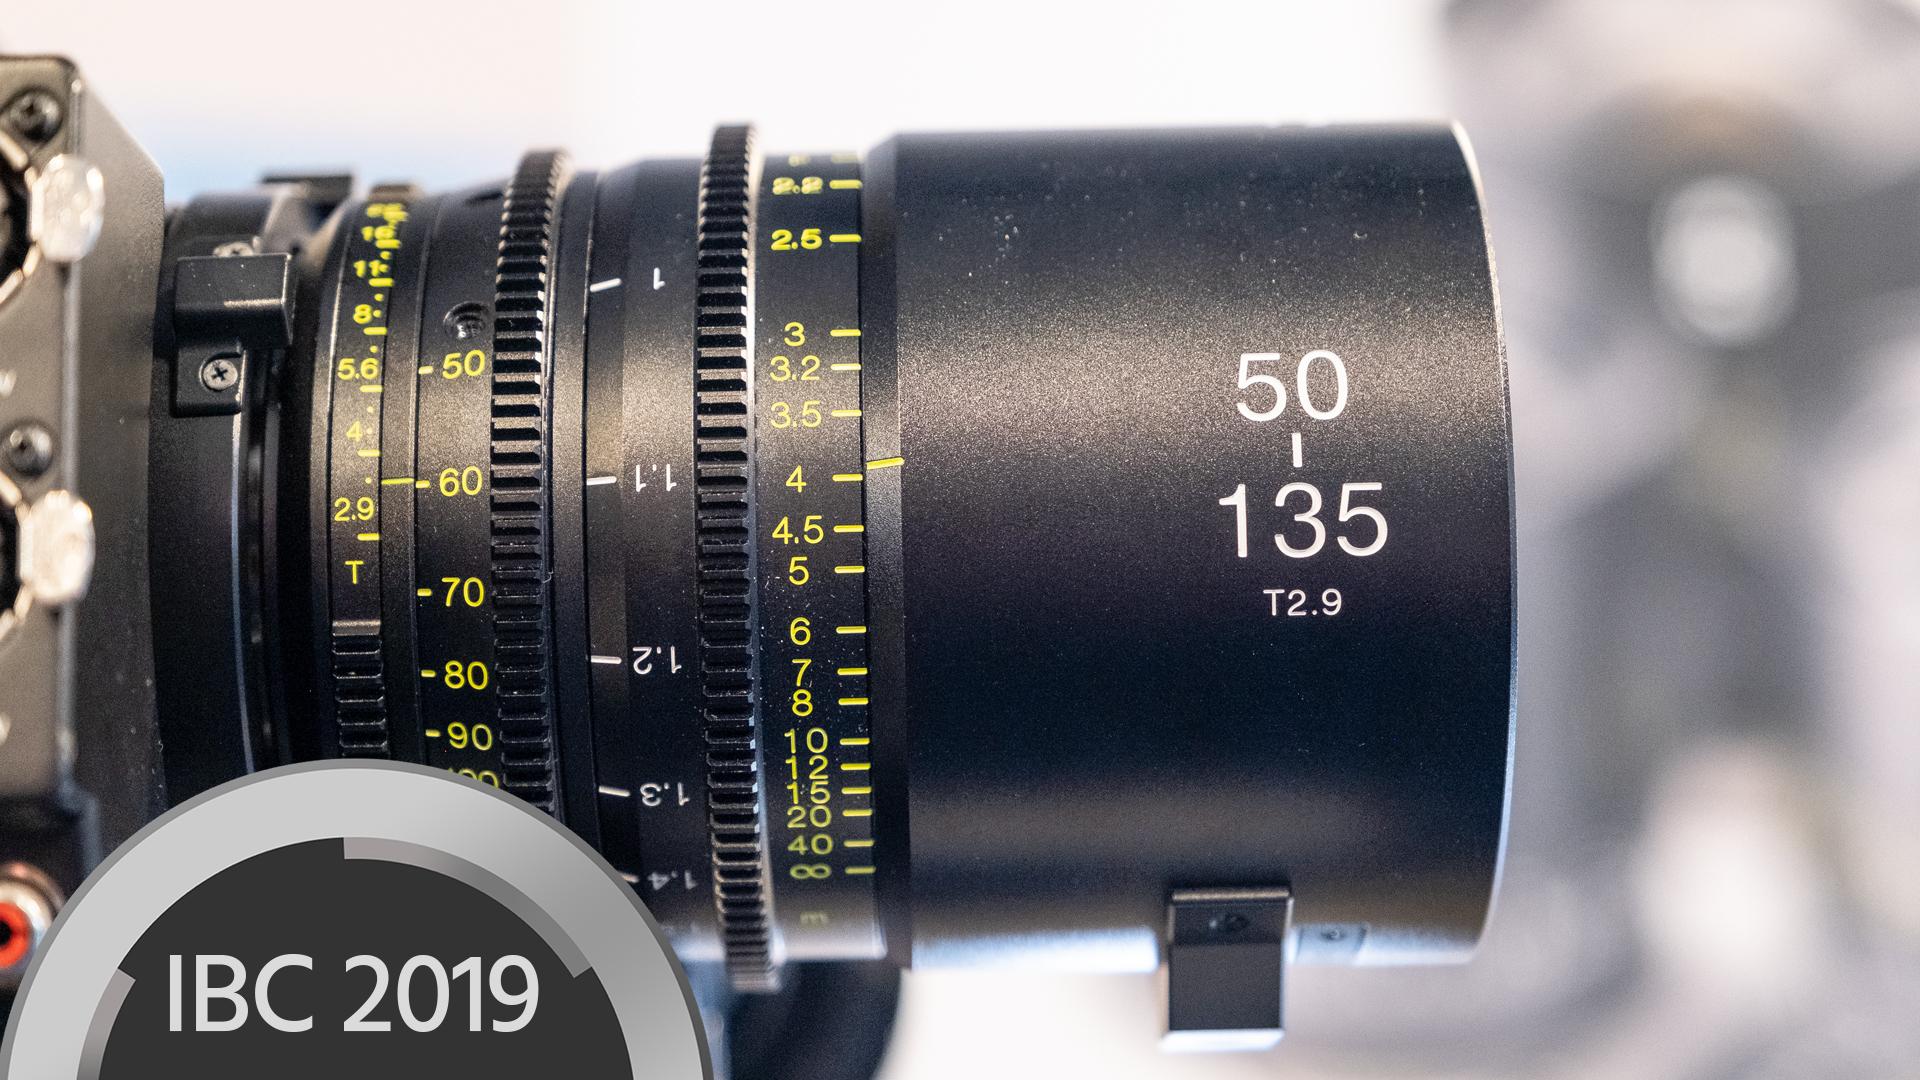 トキナが50-135mm T2.9 Mark IIシネズームを発表